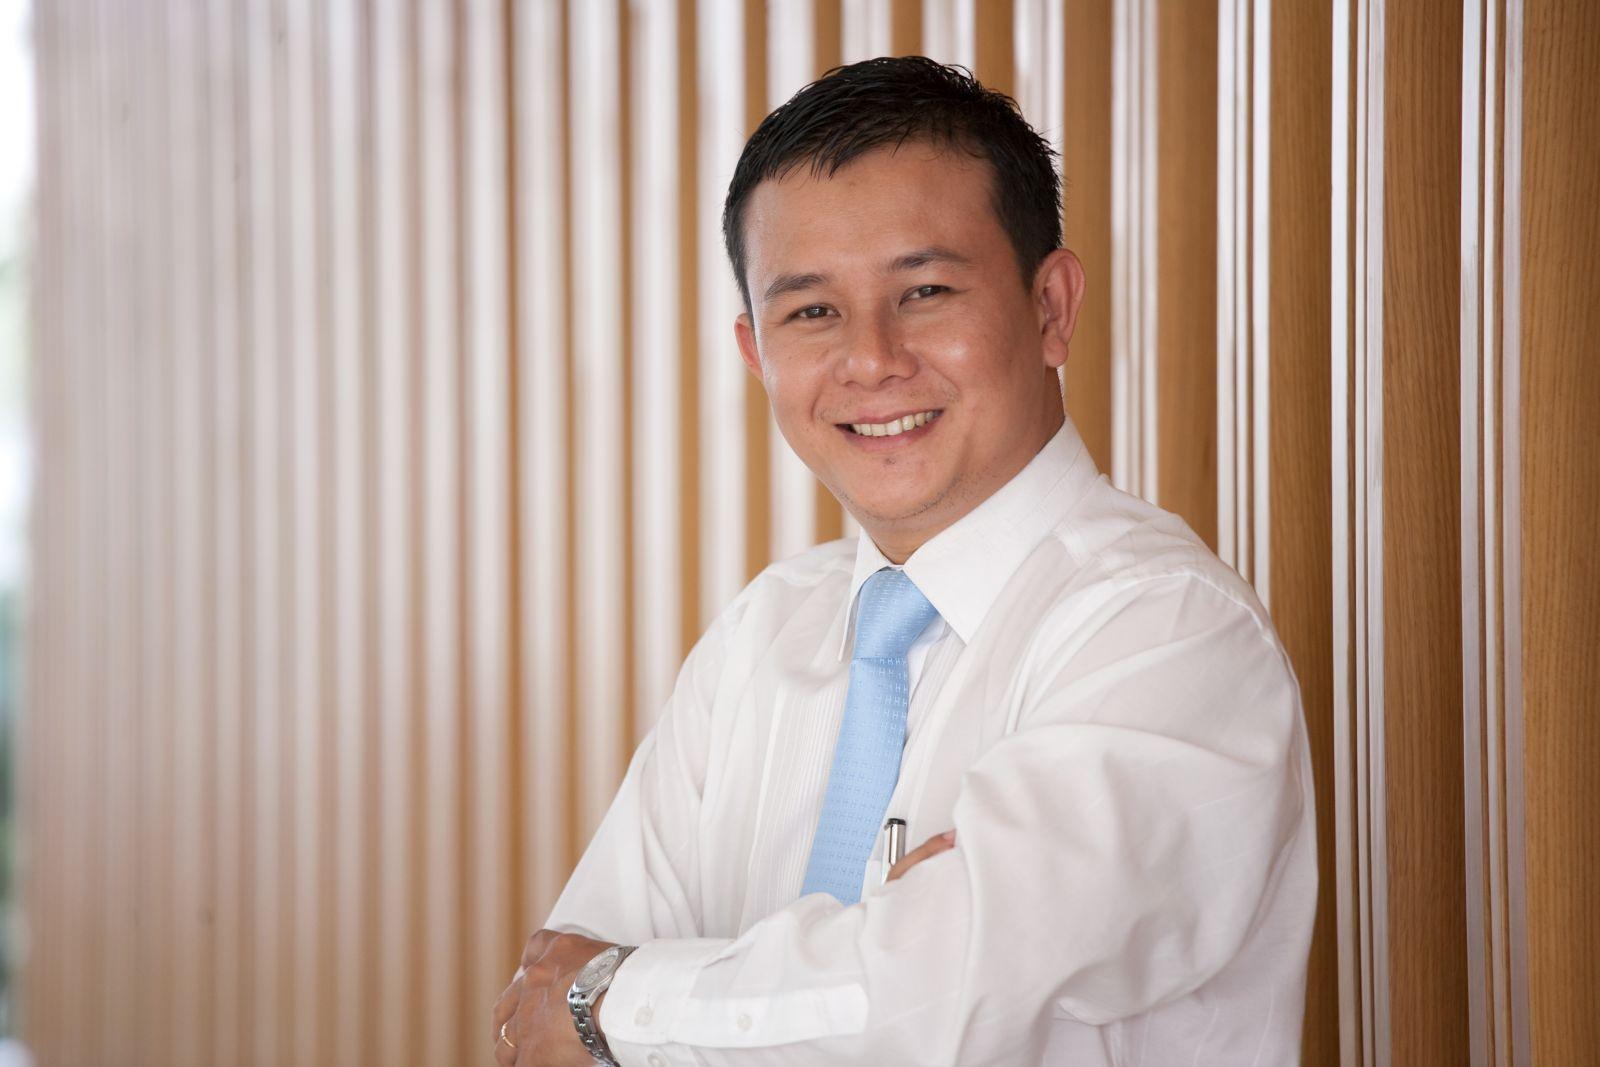 Chủ tịch Brain Mark: Cấu trúc lại công ty thời điểm tốt nhất là khi đang tăng trưởng